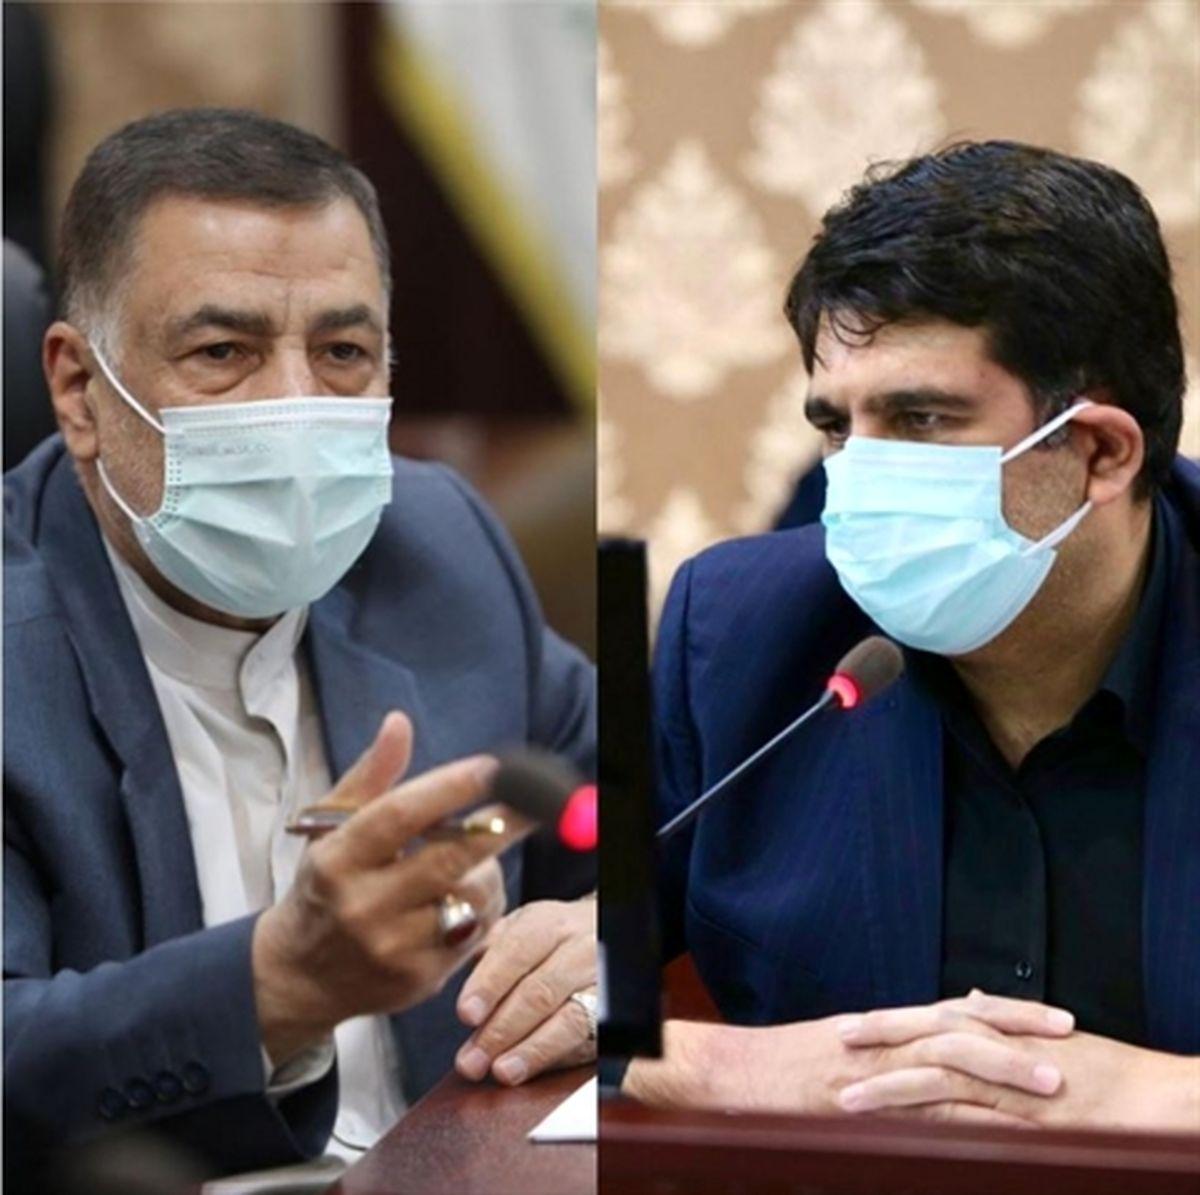 تقدیر و تشکر وزیر دادگستری از عملکرد سازمان اموال تملیکی